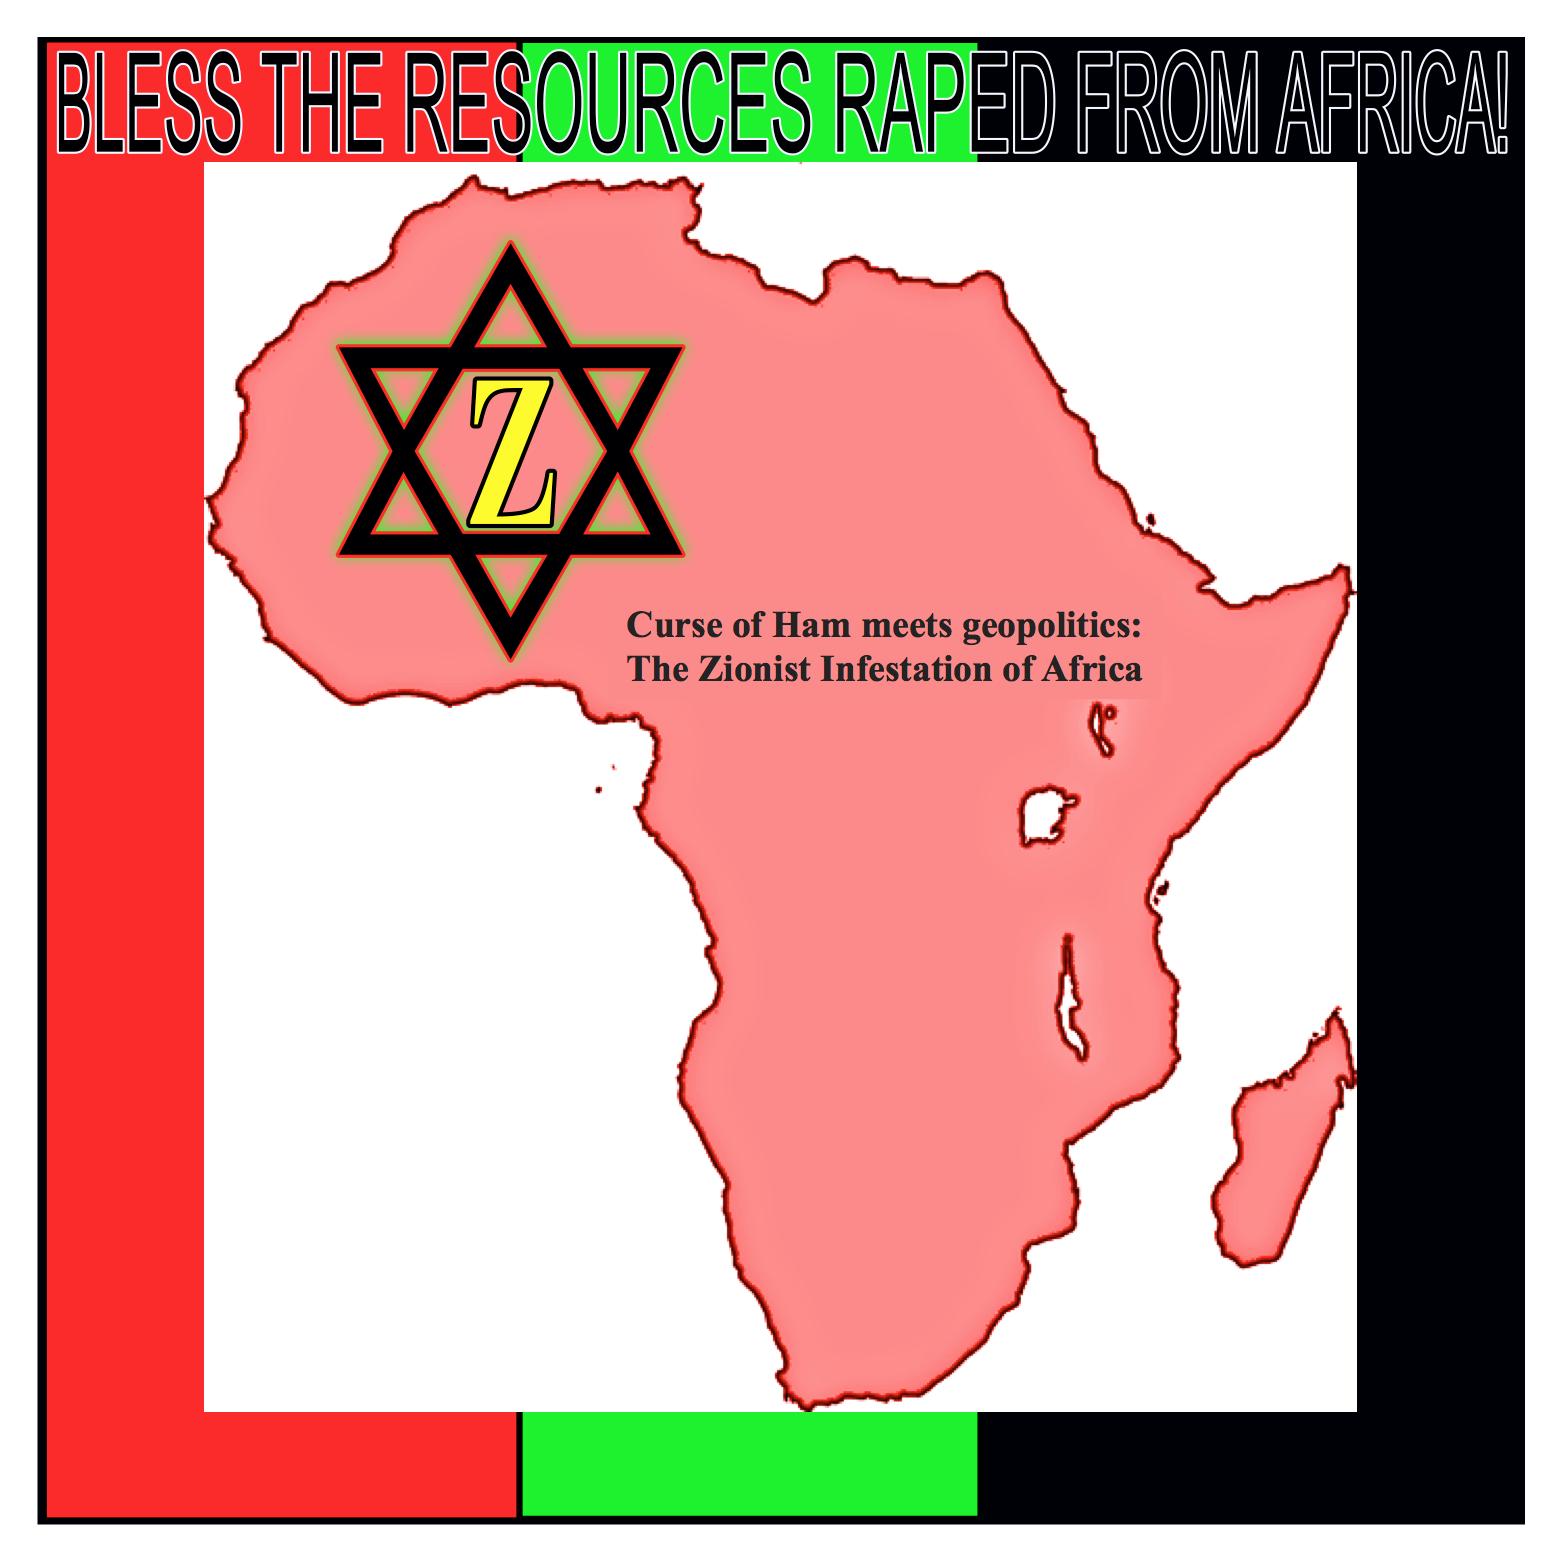 Zimbabwe To Uganda, Congo To Somalia And Beyond